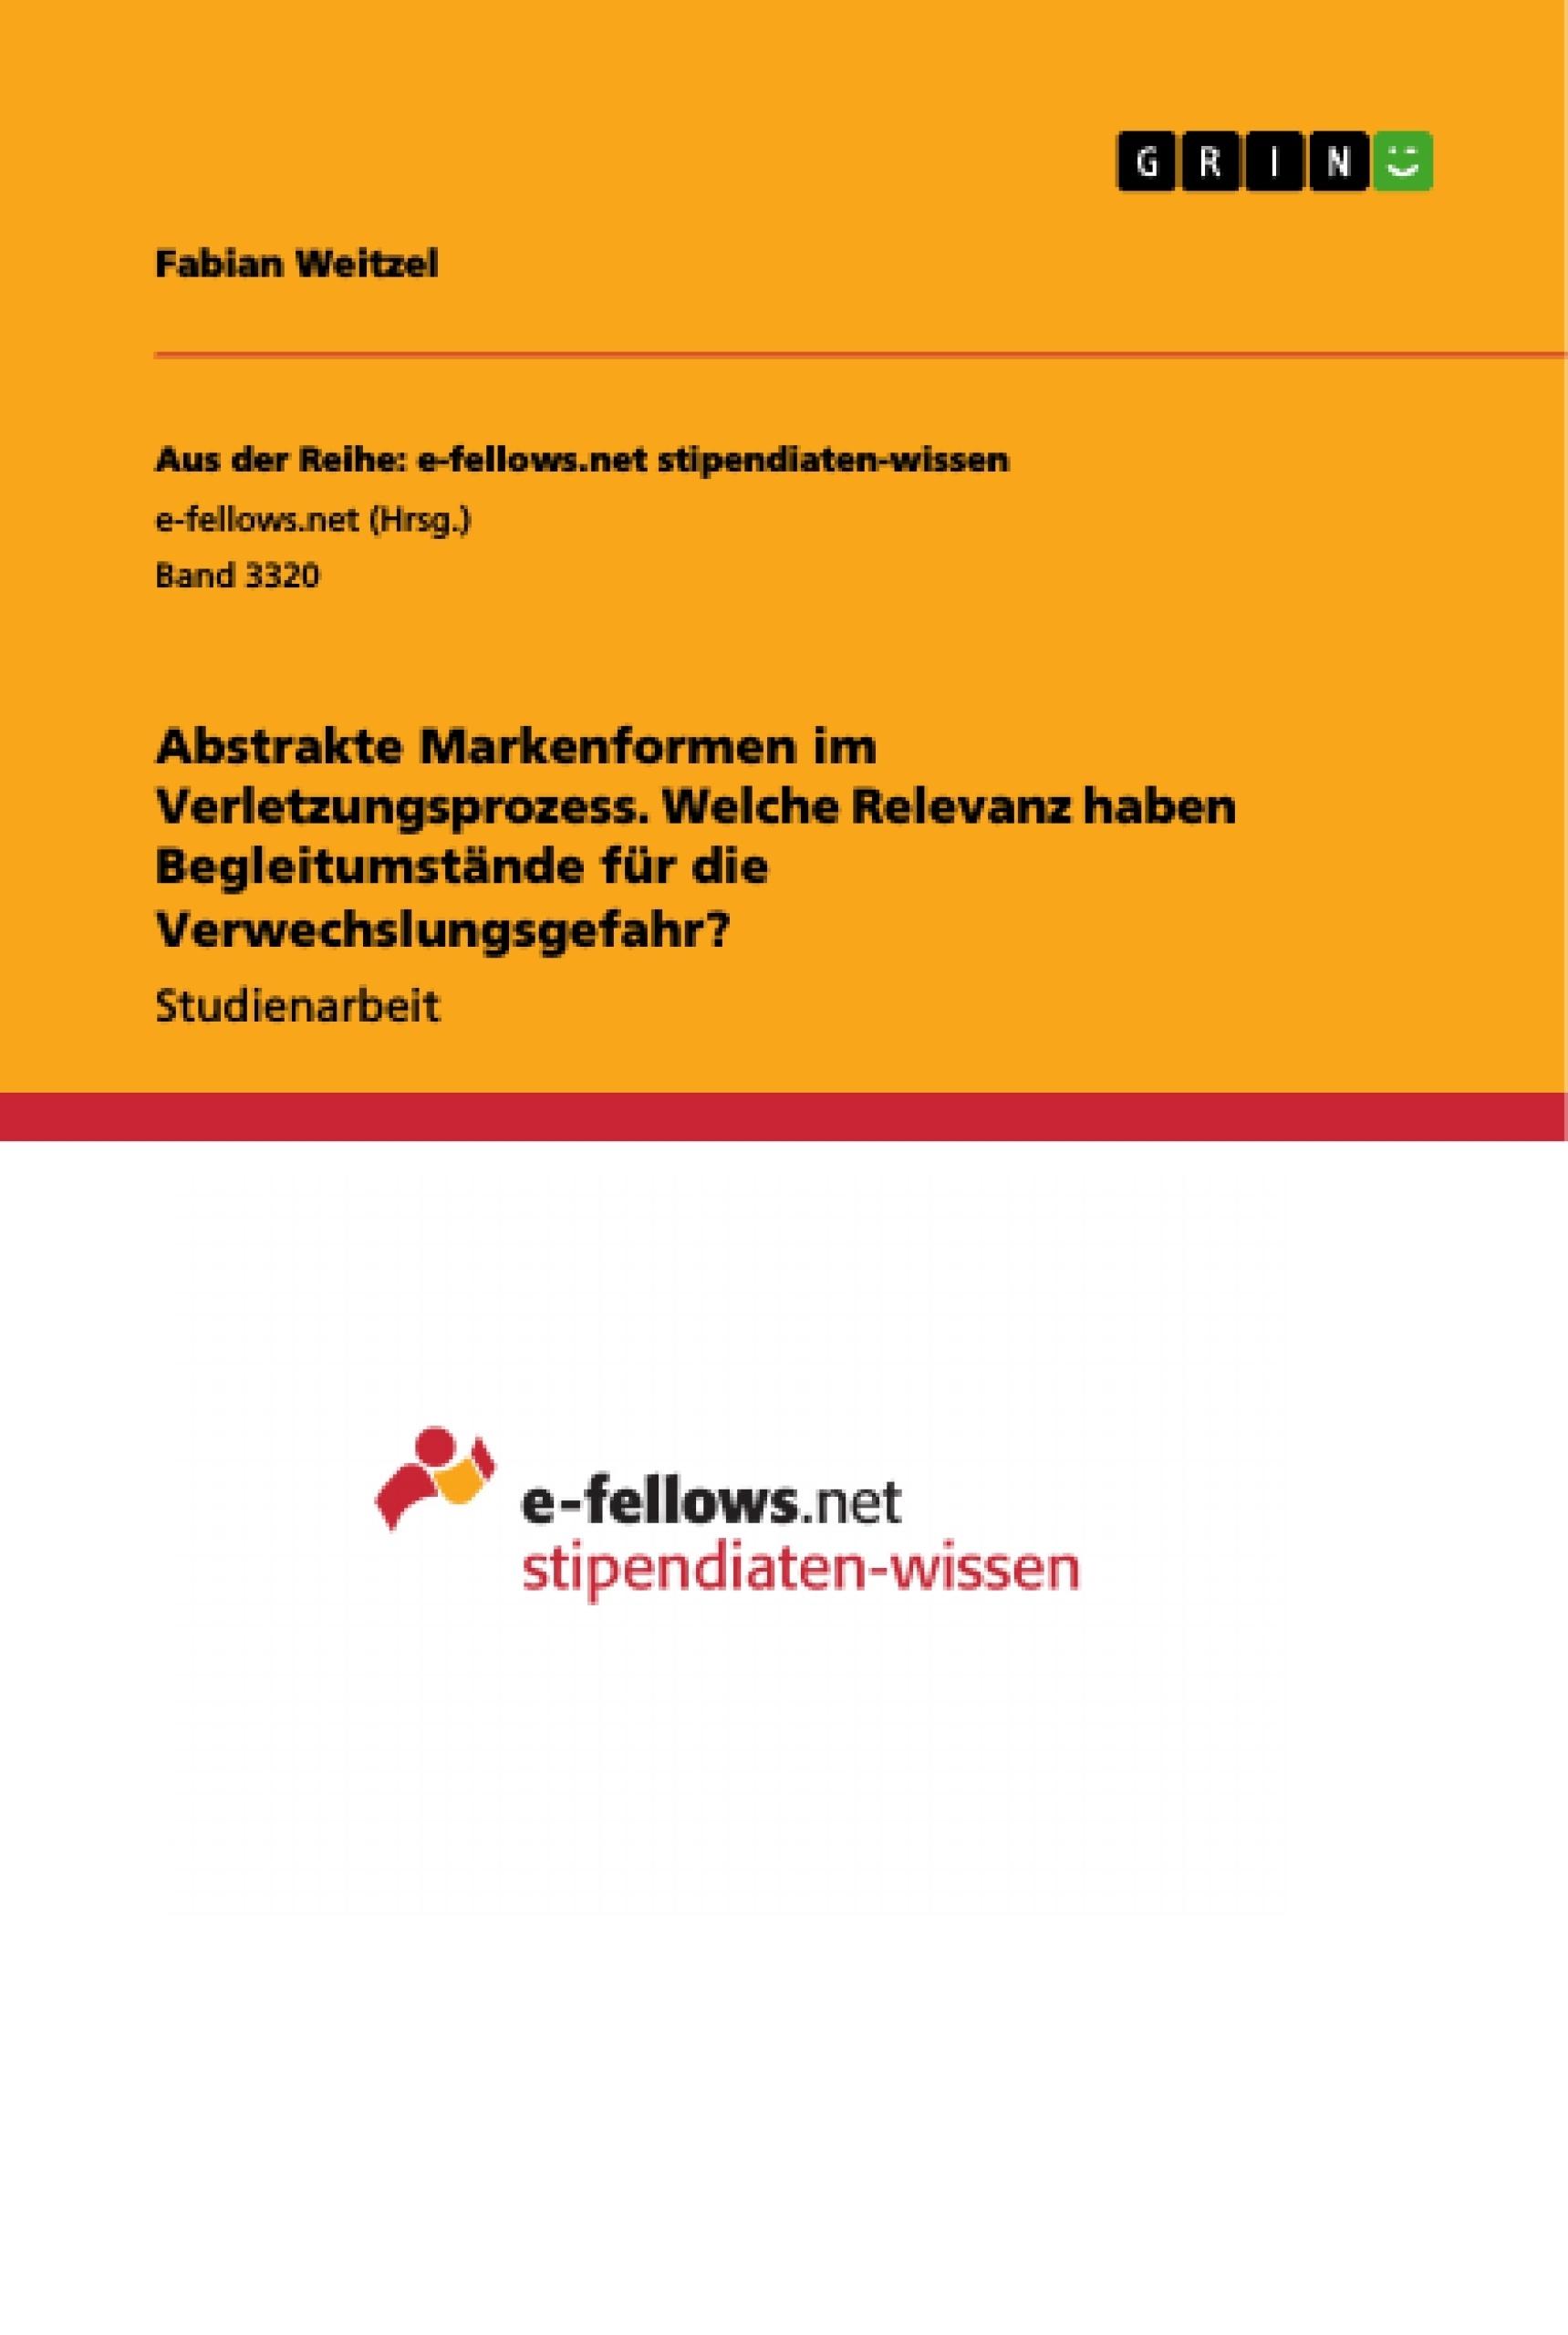 Titel: Abstrakte Markenformen im Verletzungsprozess. Welche Relevanz haben Begleitumstände für die Verwechslungsgefahr?